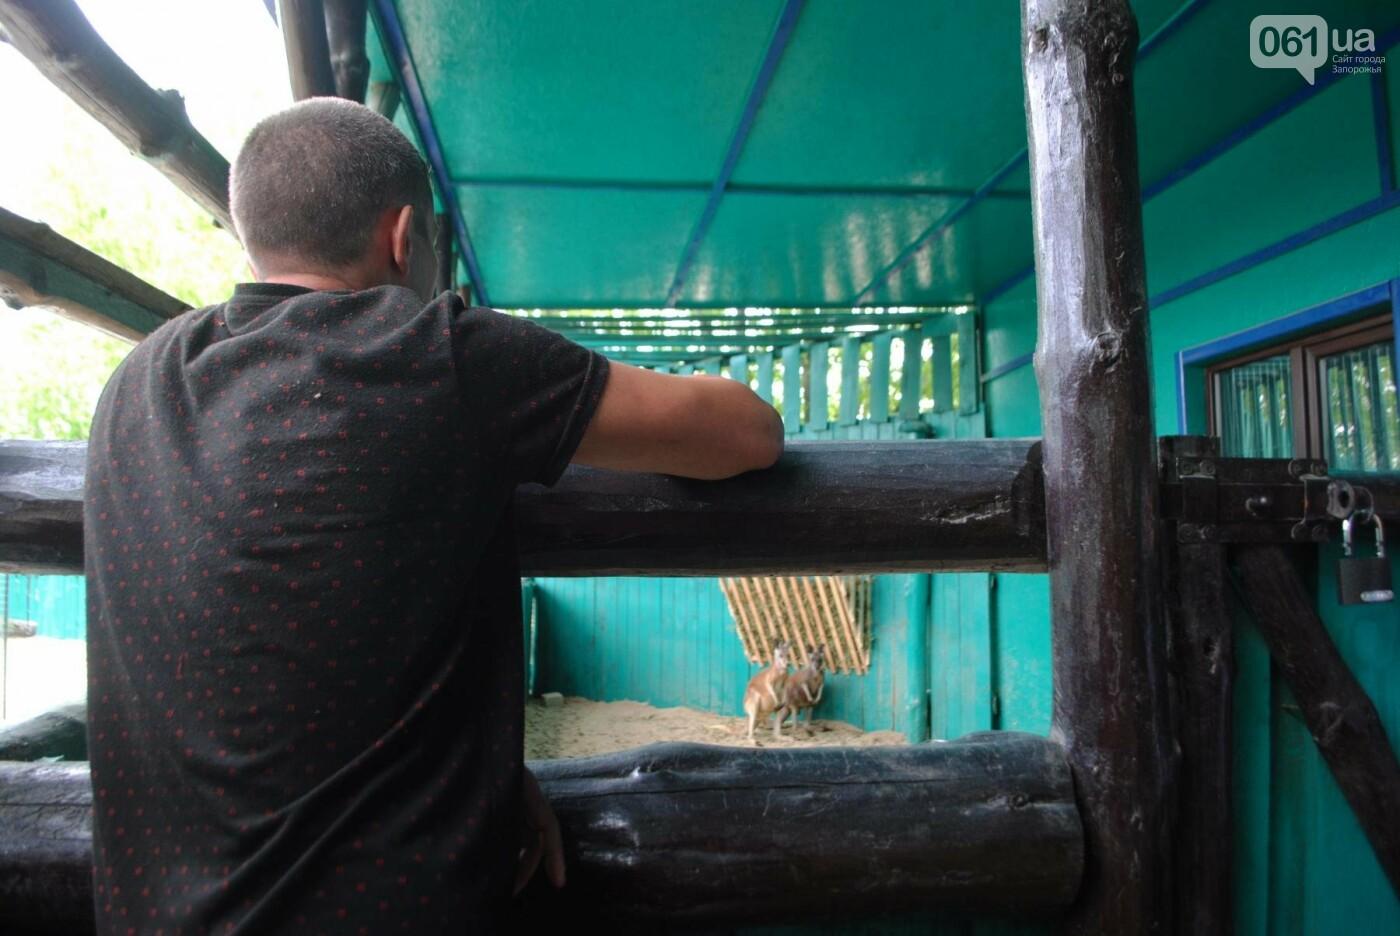 В бердянском зоопарке появились кенгуру: они любят хлеб и скоро станут ручными, - ФОТОРЕПОРТАЖ, фото-12